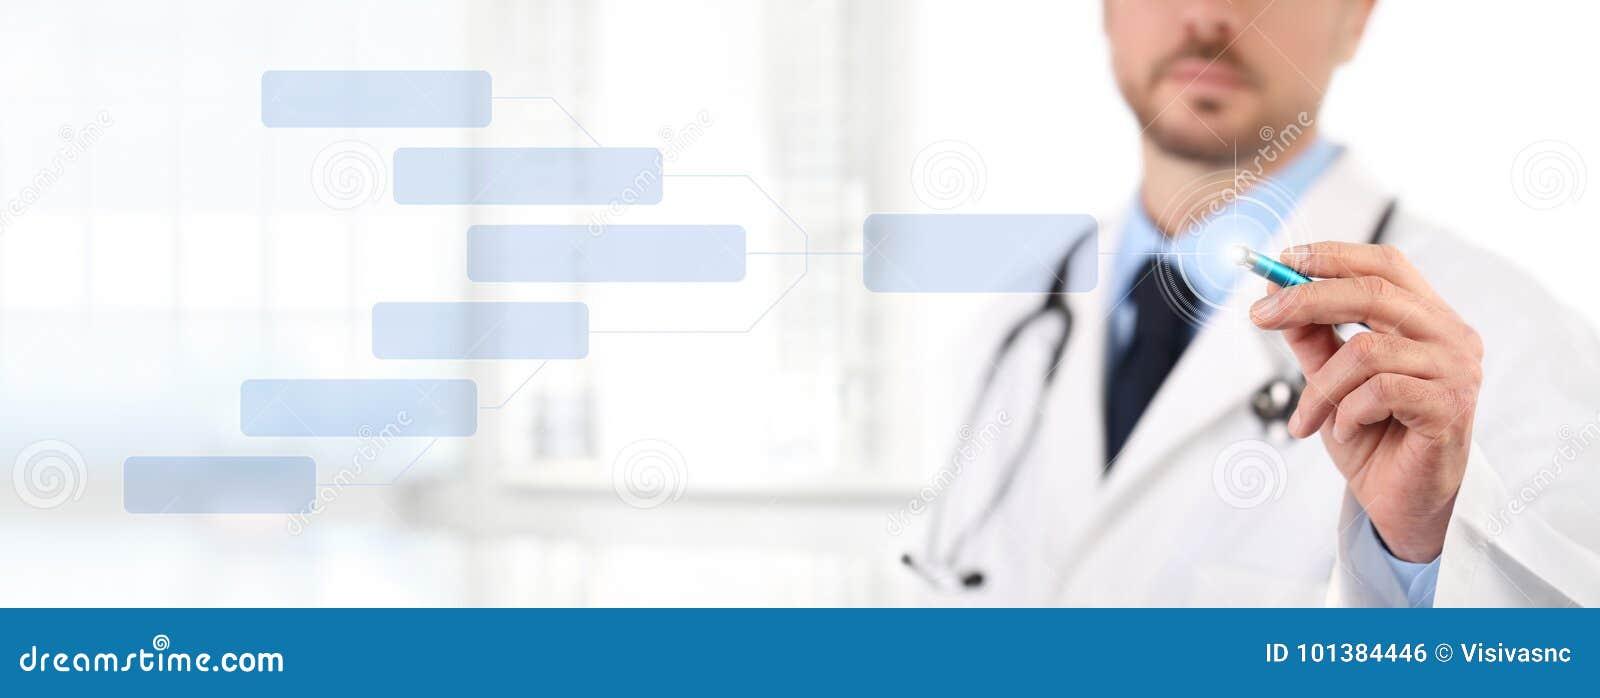 Aggiusti il touch screen con un concetto medico di salute della penna